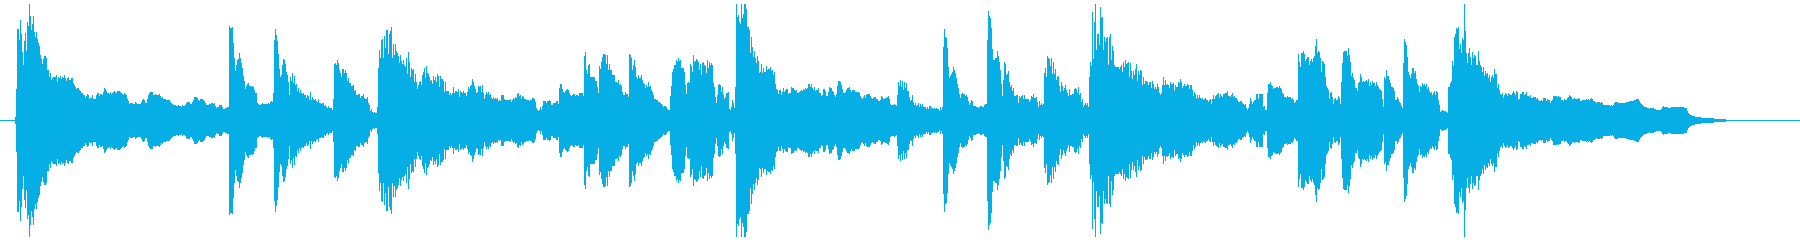 南の島・ほのぼのとした雰囲気の曲の再生済みの波形